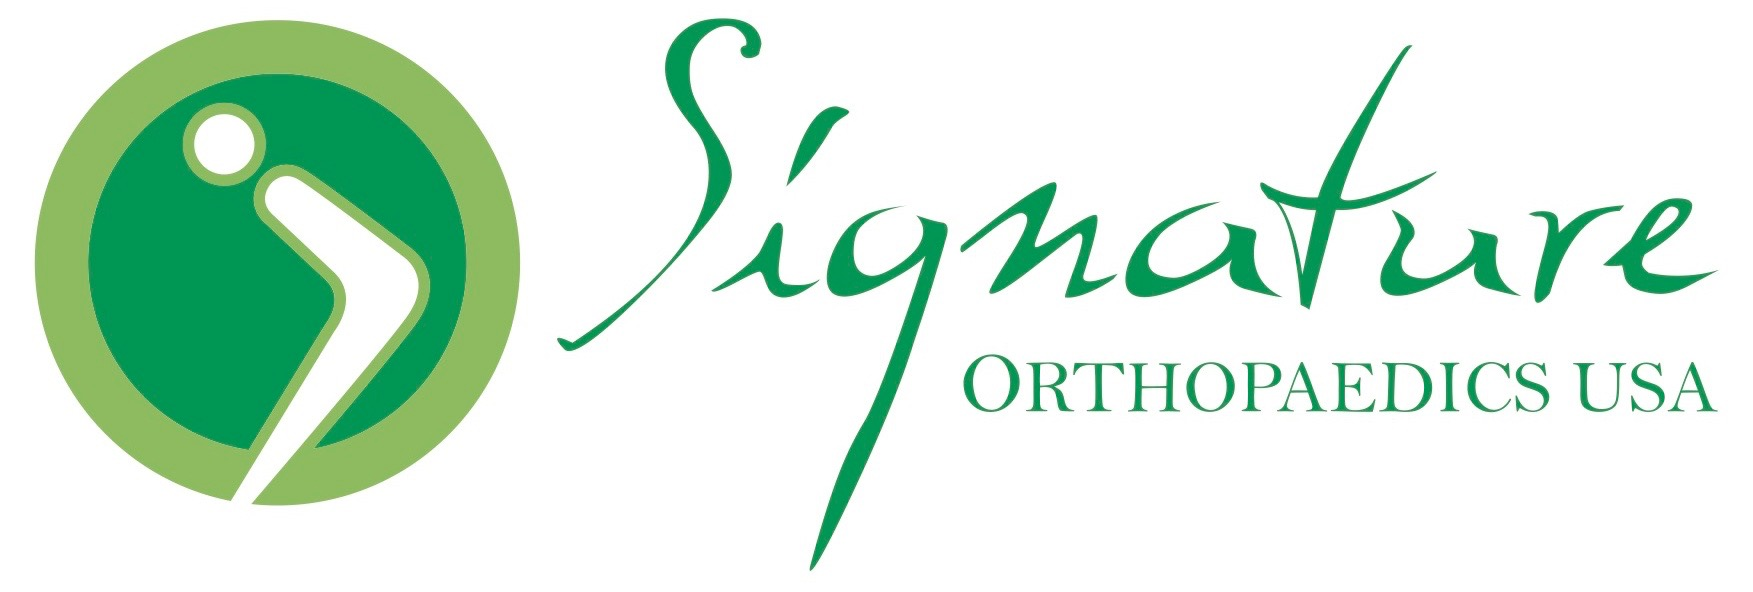 Signature Orthpaedics